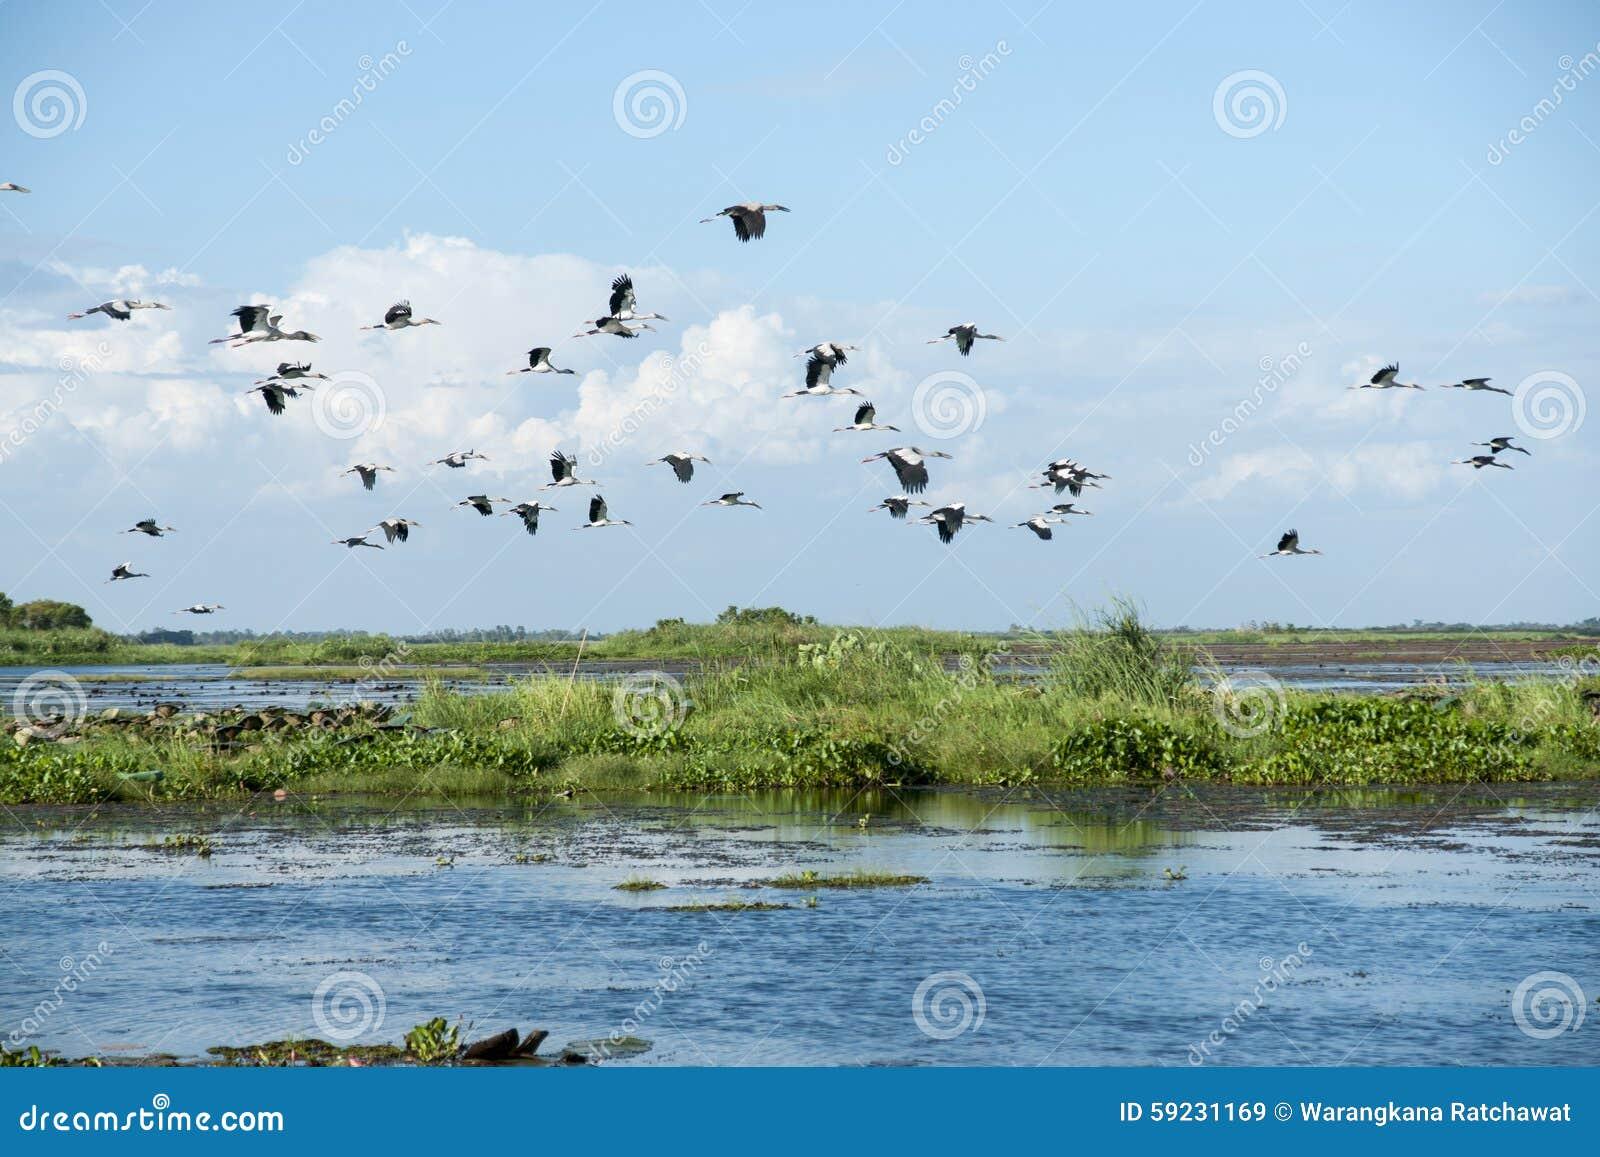 Download Waterfowl imagen de archivo. Imagen de animal, multitud - 59231169